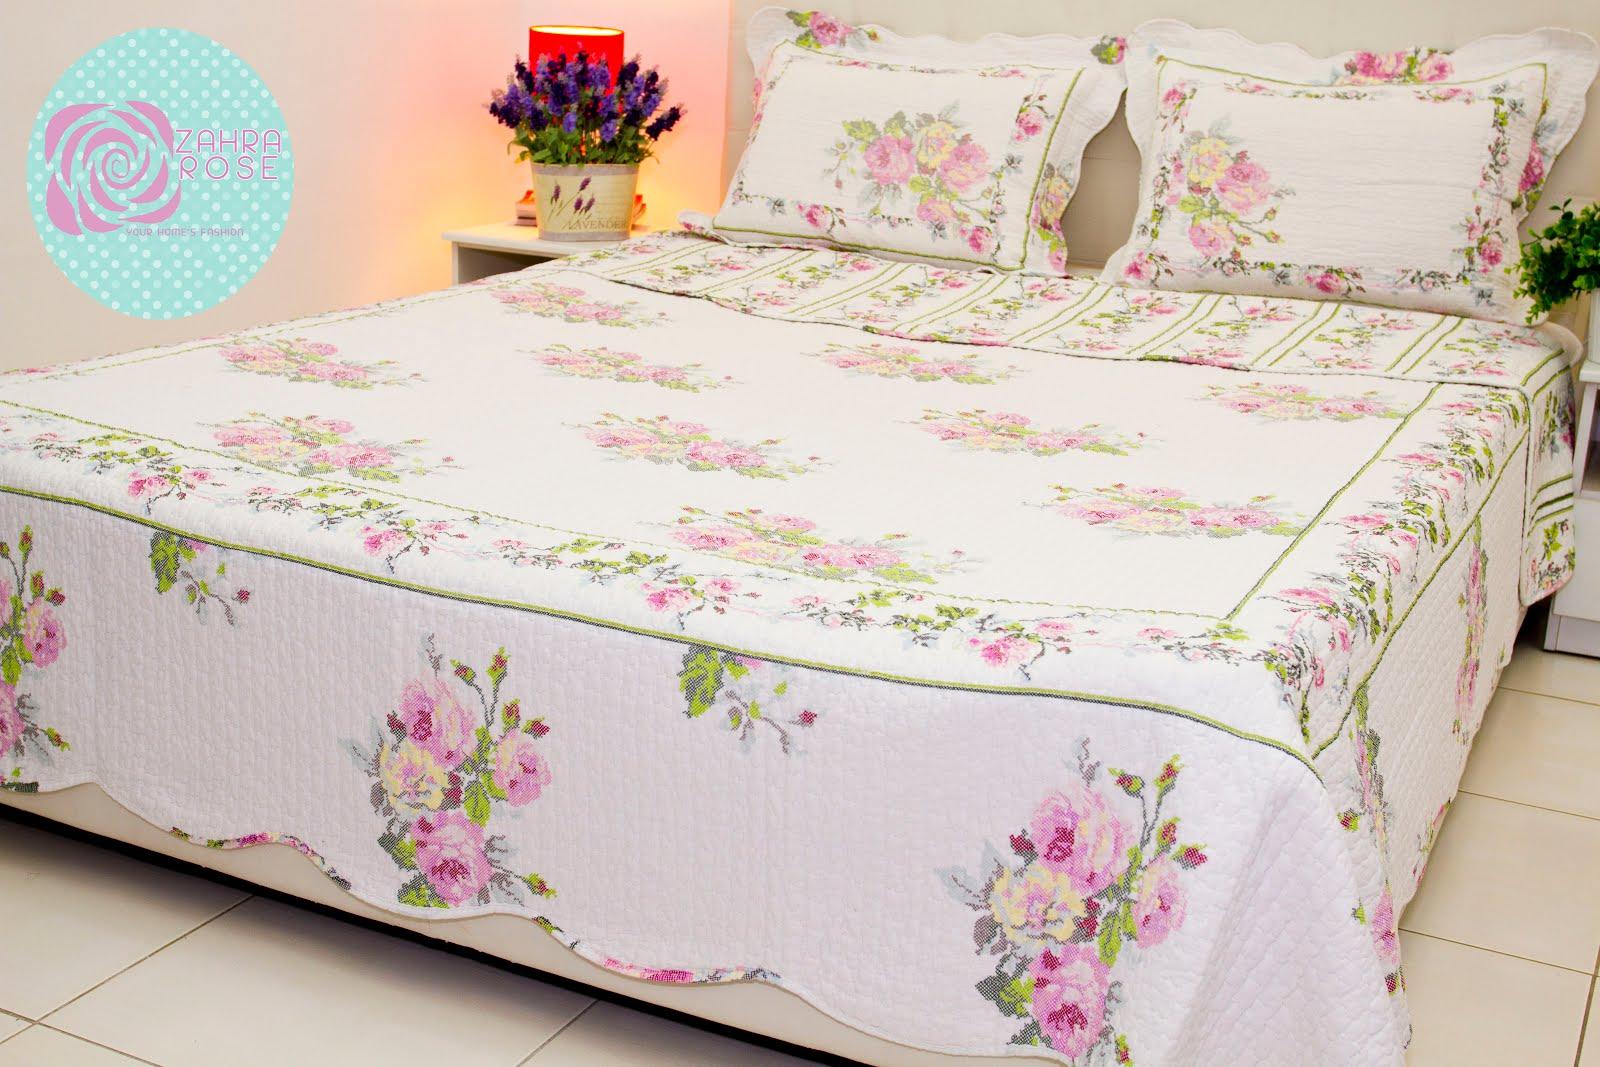 Bed sheets designs patchwork - Bed Sheet Design Patchwork